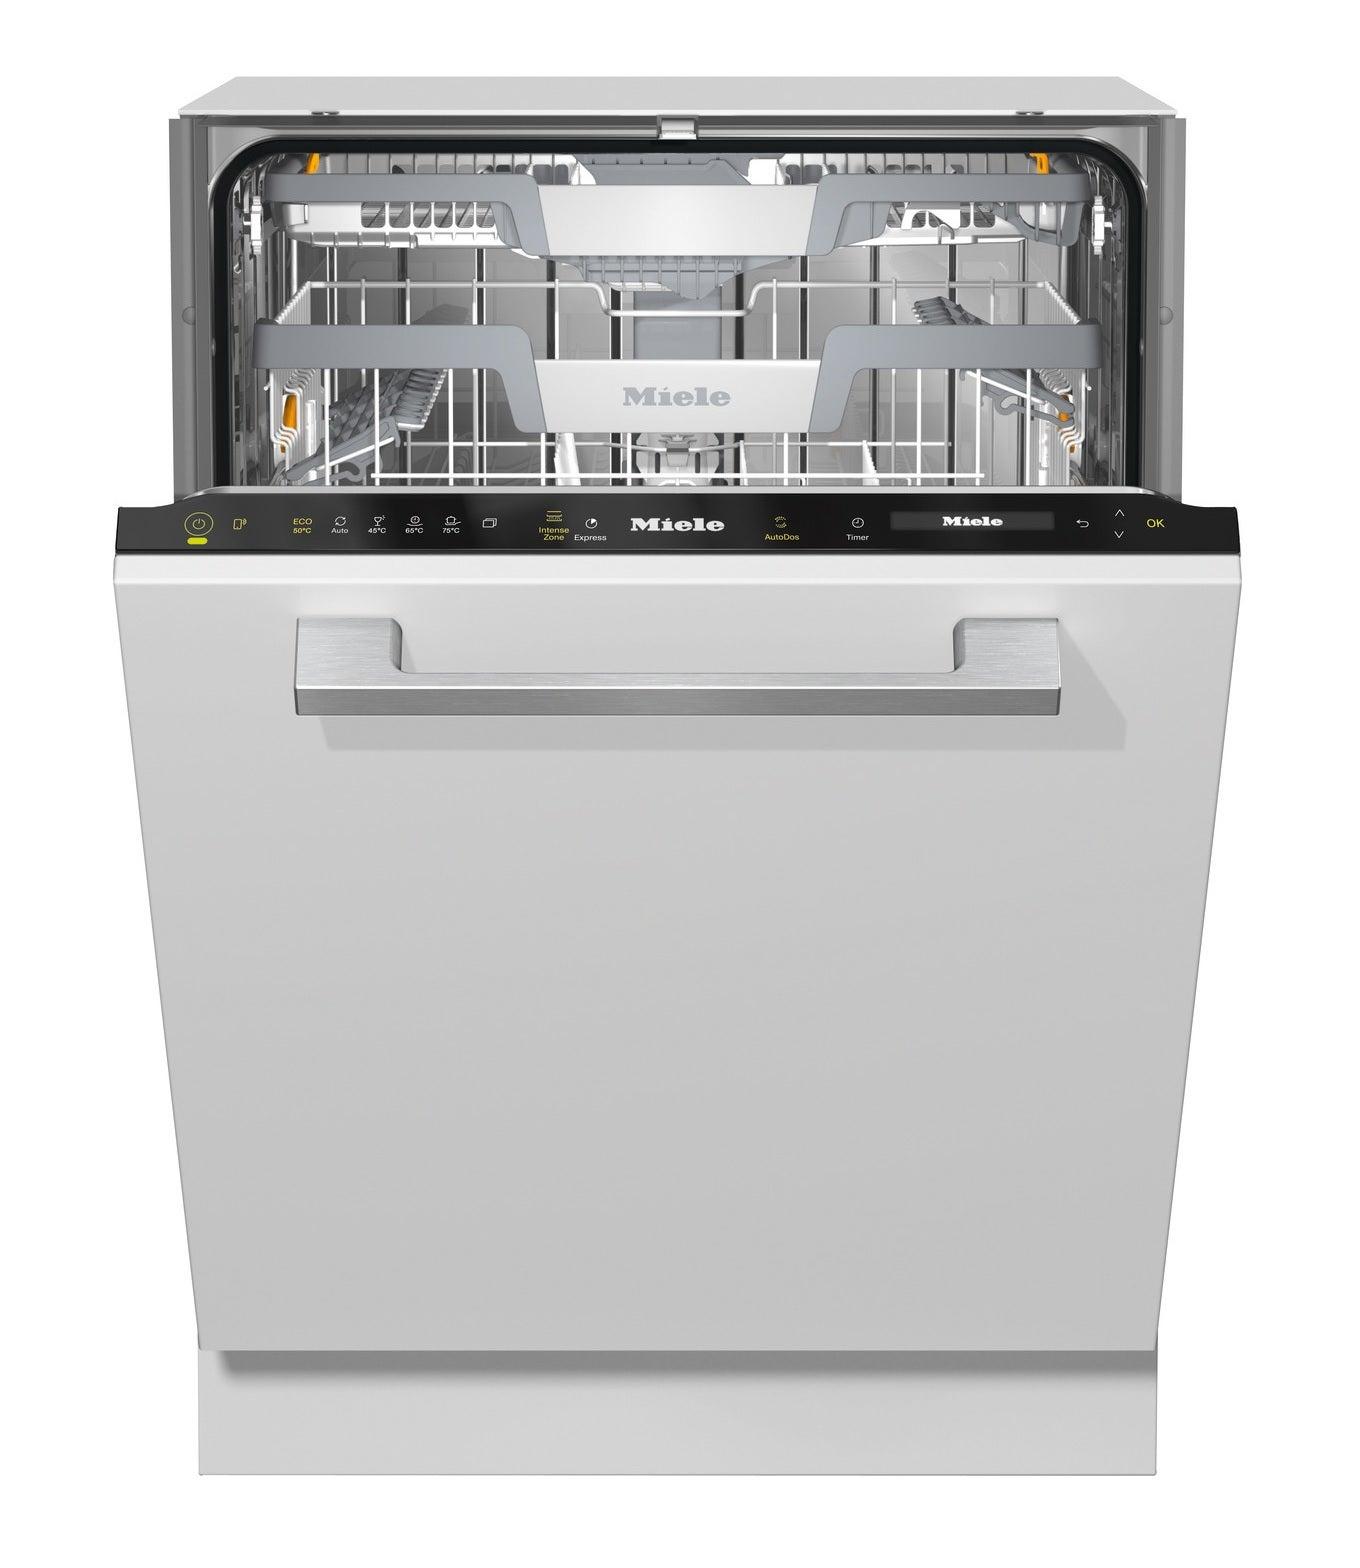 Miele G7369SCVIXXL Dishwasher